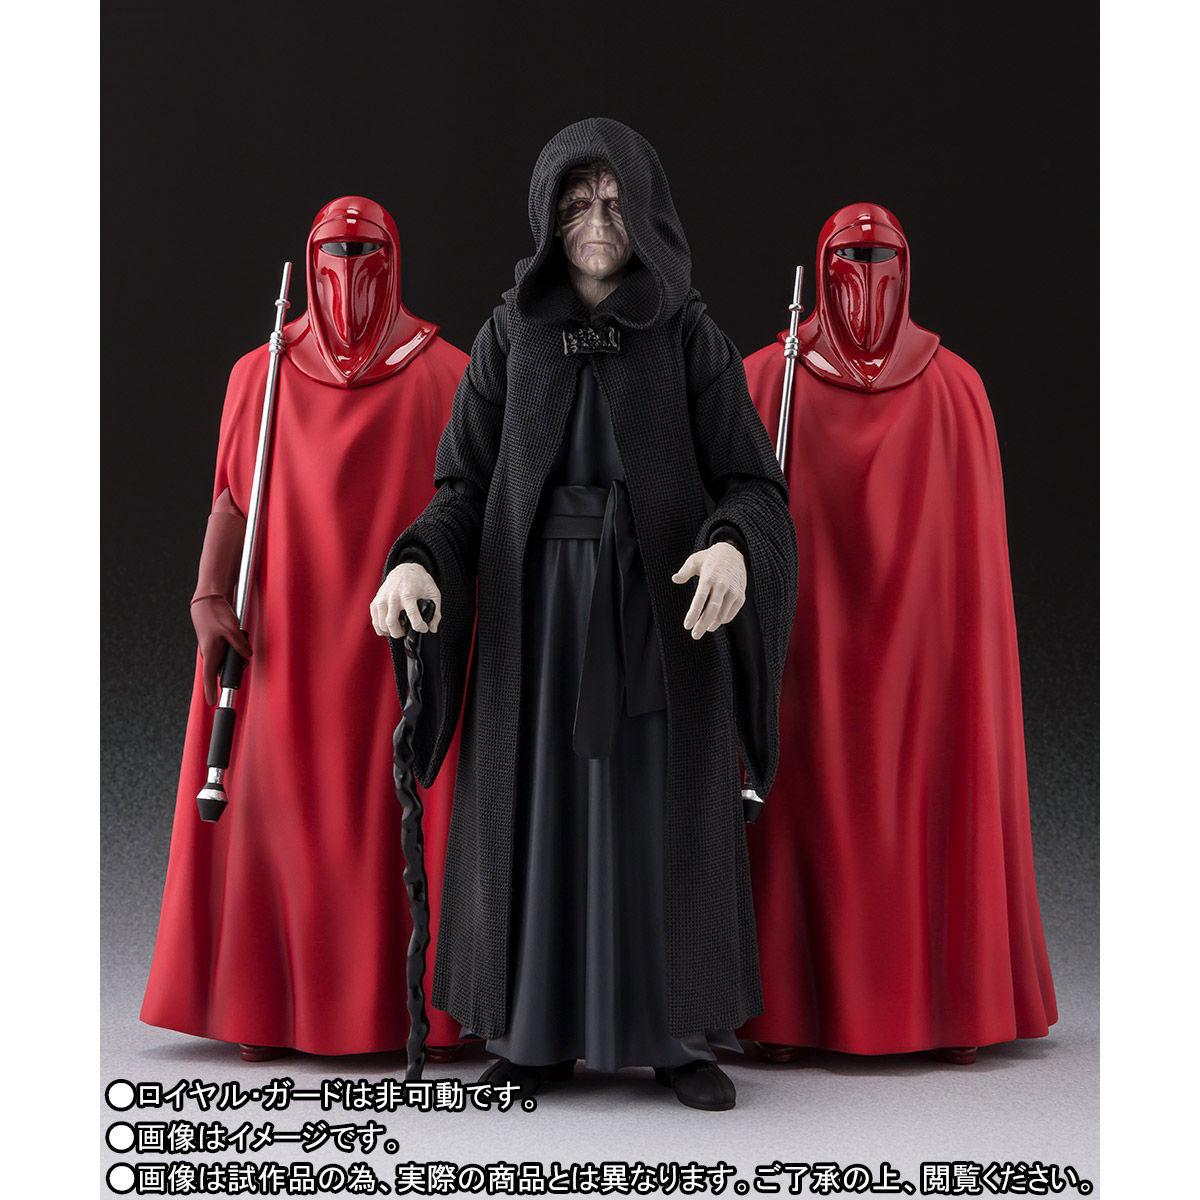 【限定販売】S.H.Figuarts『パルパティーン皇帝 -Death Star II Throne Room Set-(STAR WARS:Return of the Jedi)』可動フィギュア-003